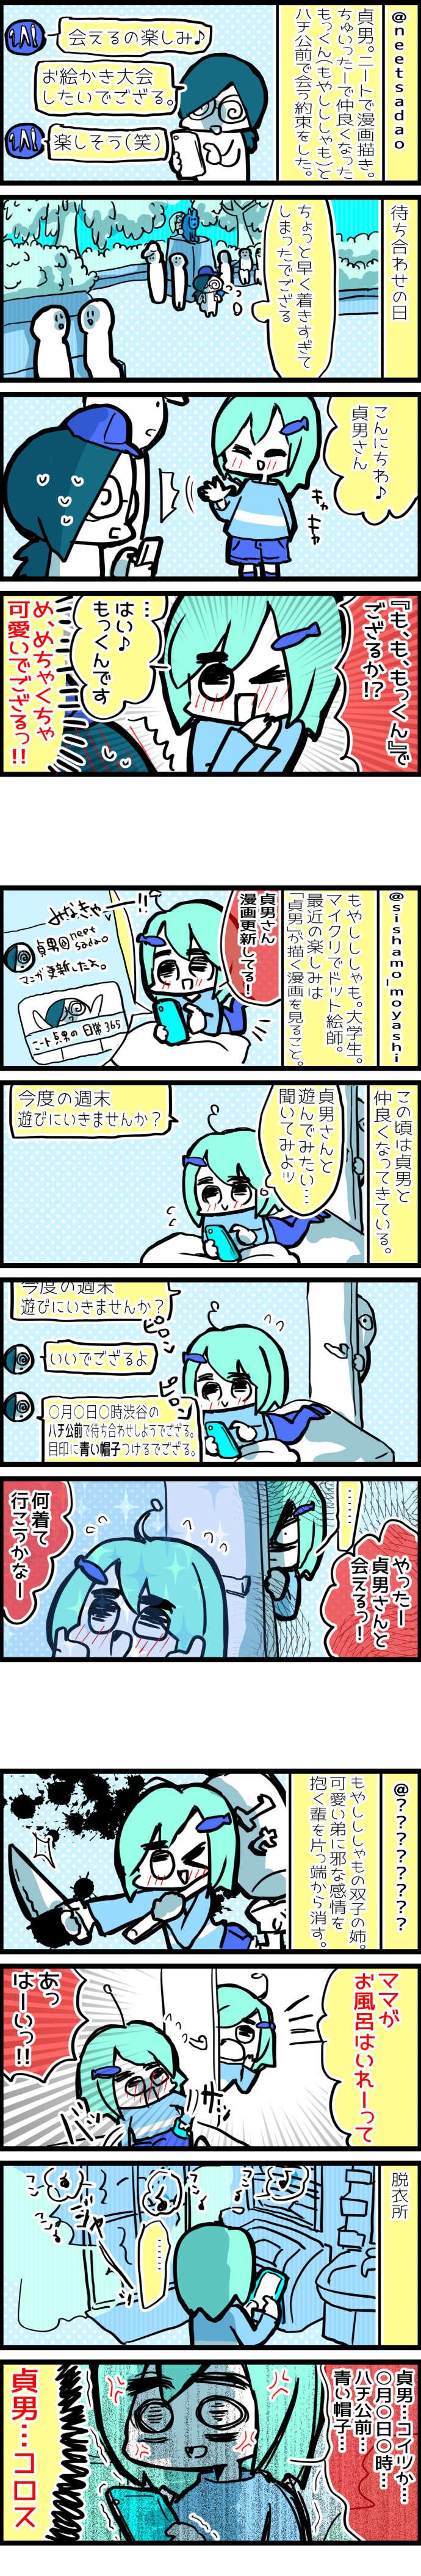 neetsadami.com_28話